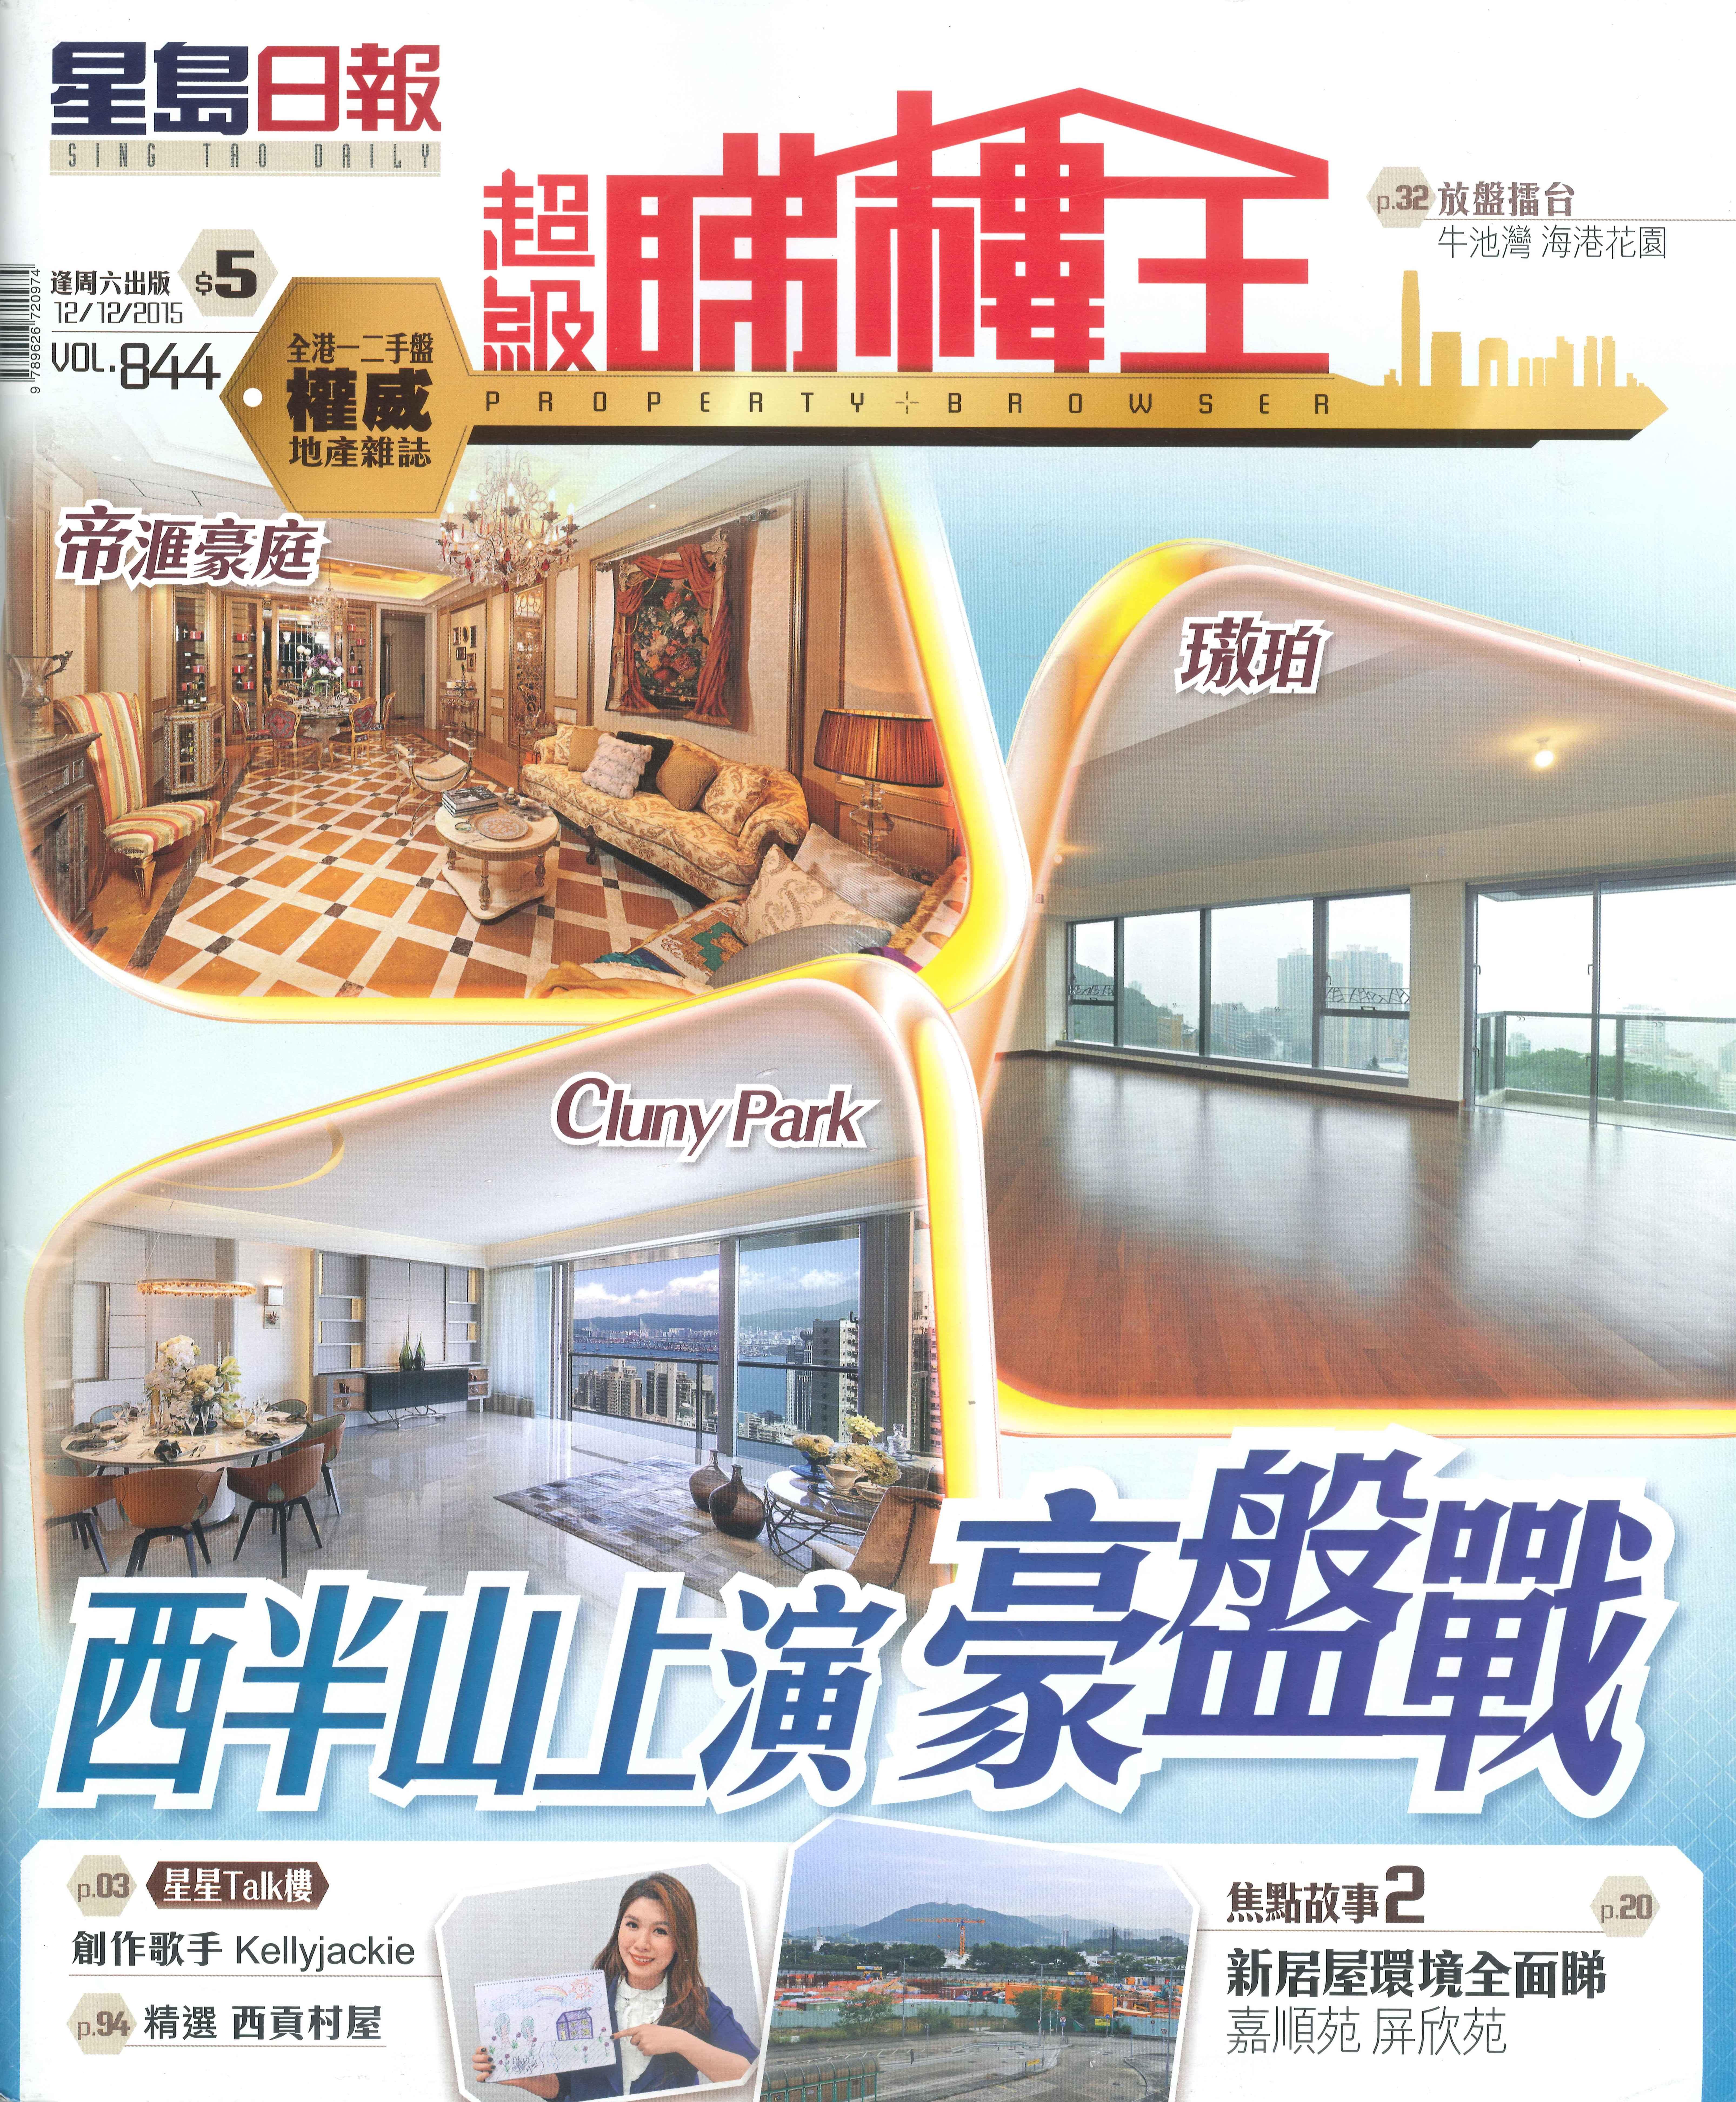 FestivalCity PropertyBrowser